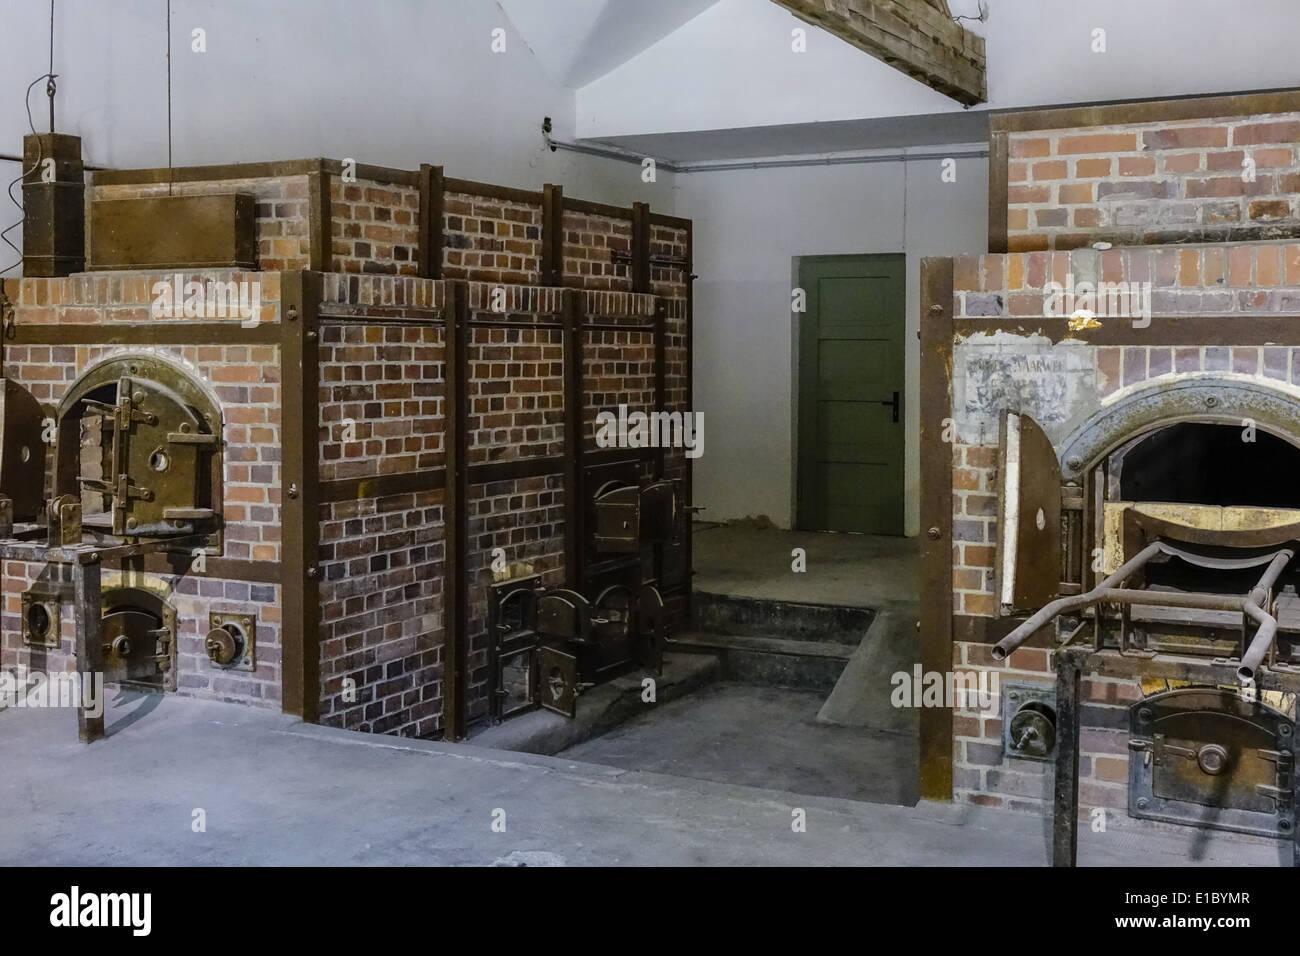 krematorium kz gedenkst tte dachau in der n he von m nchen bayern stock photo royalty free. Black Bedroom Furniture Sets. Home Design Ideas